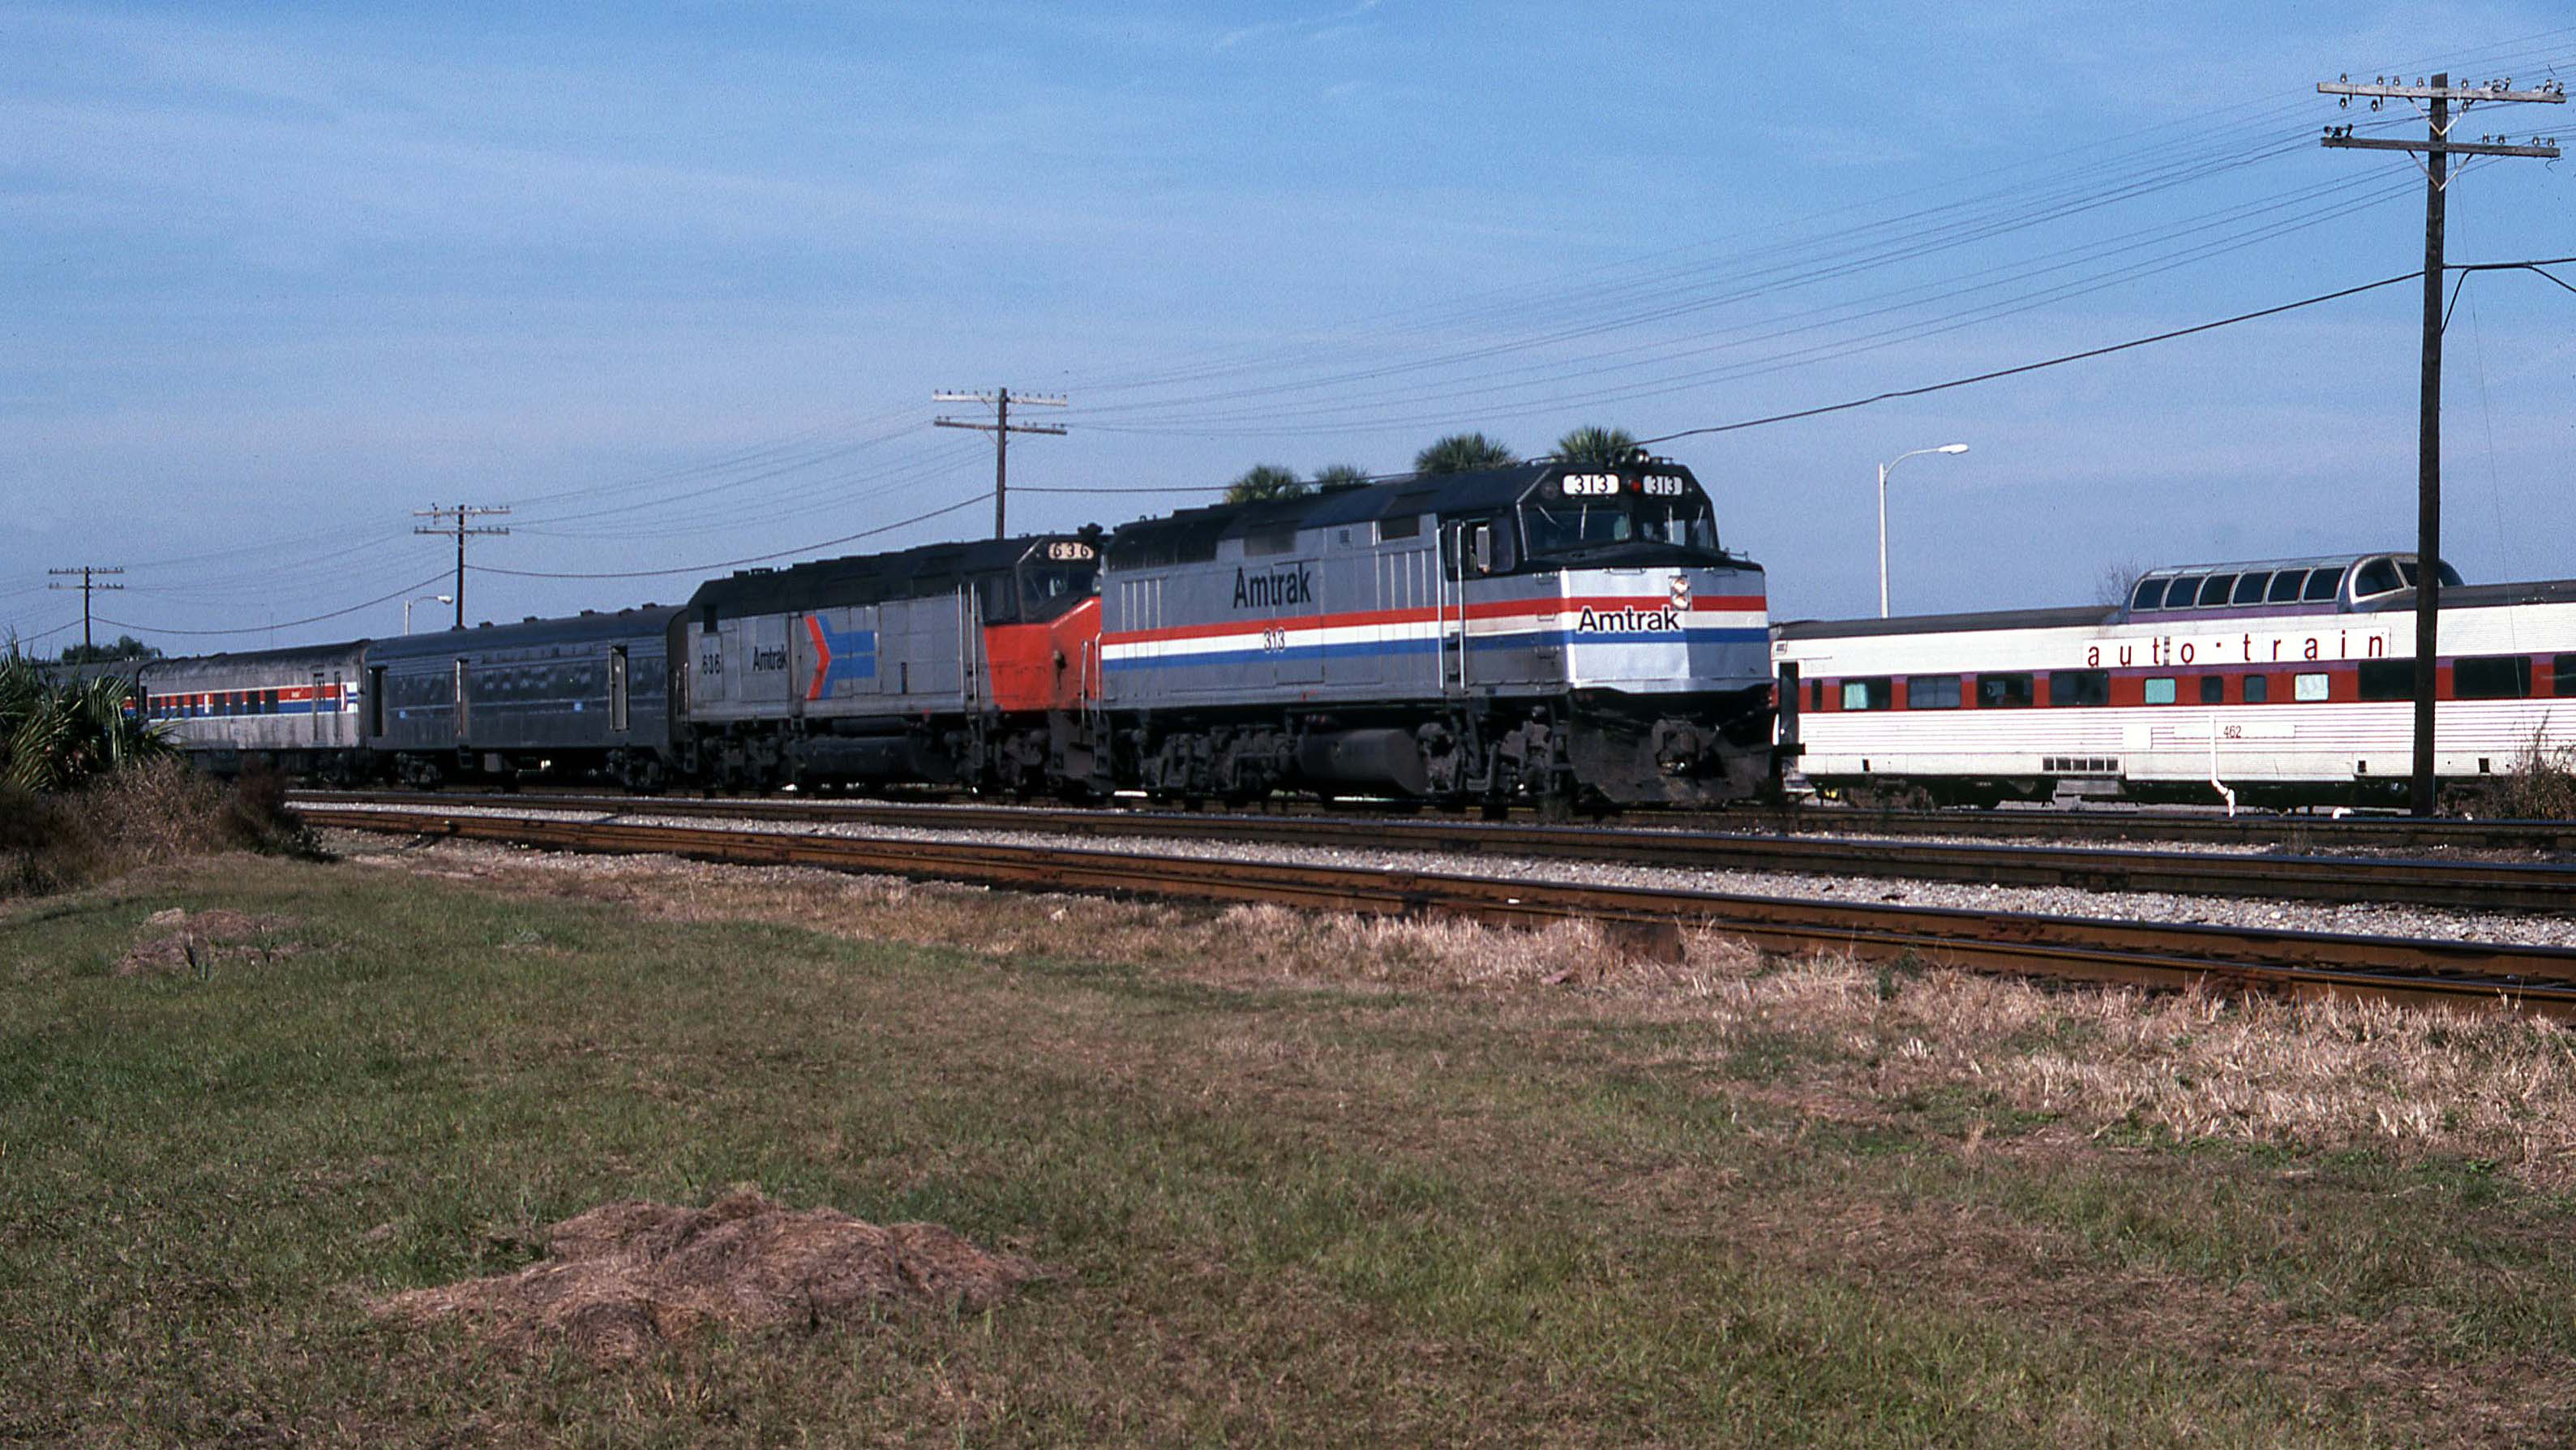 Amtrak-SDP40F-Sanford-Gary-Dolzall